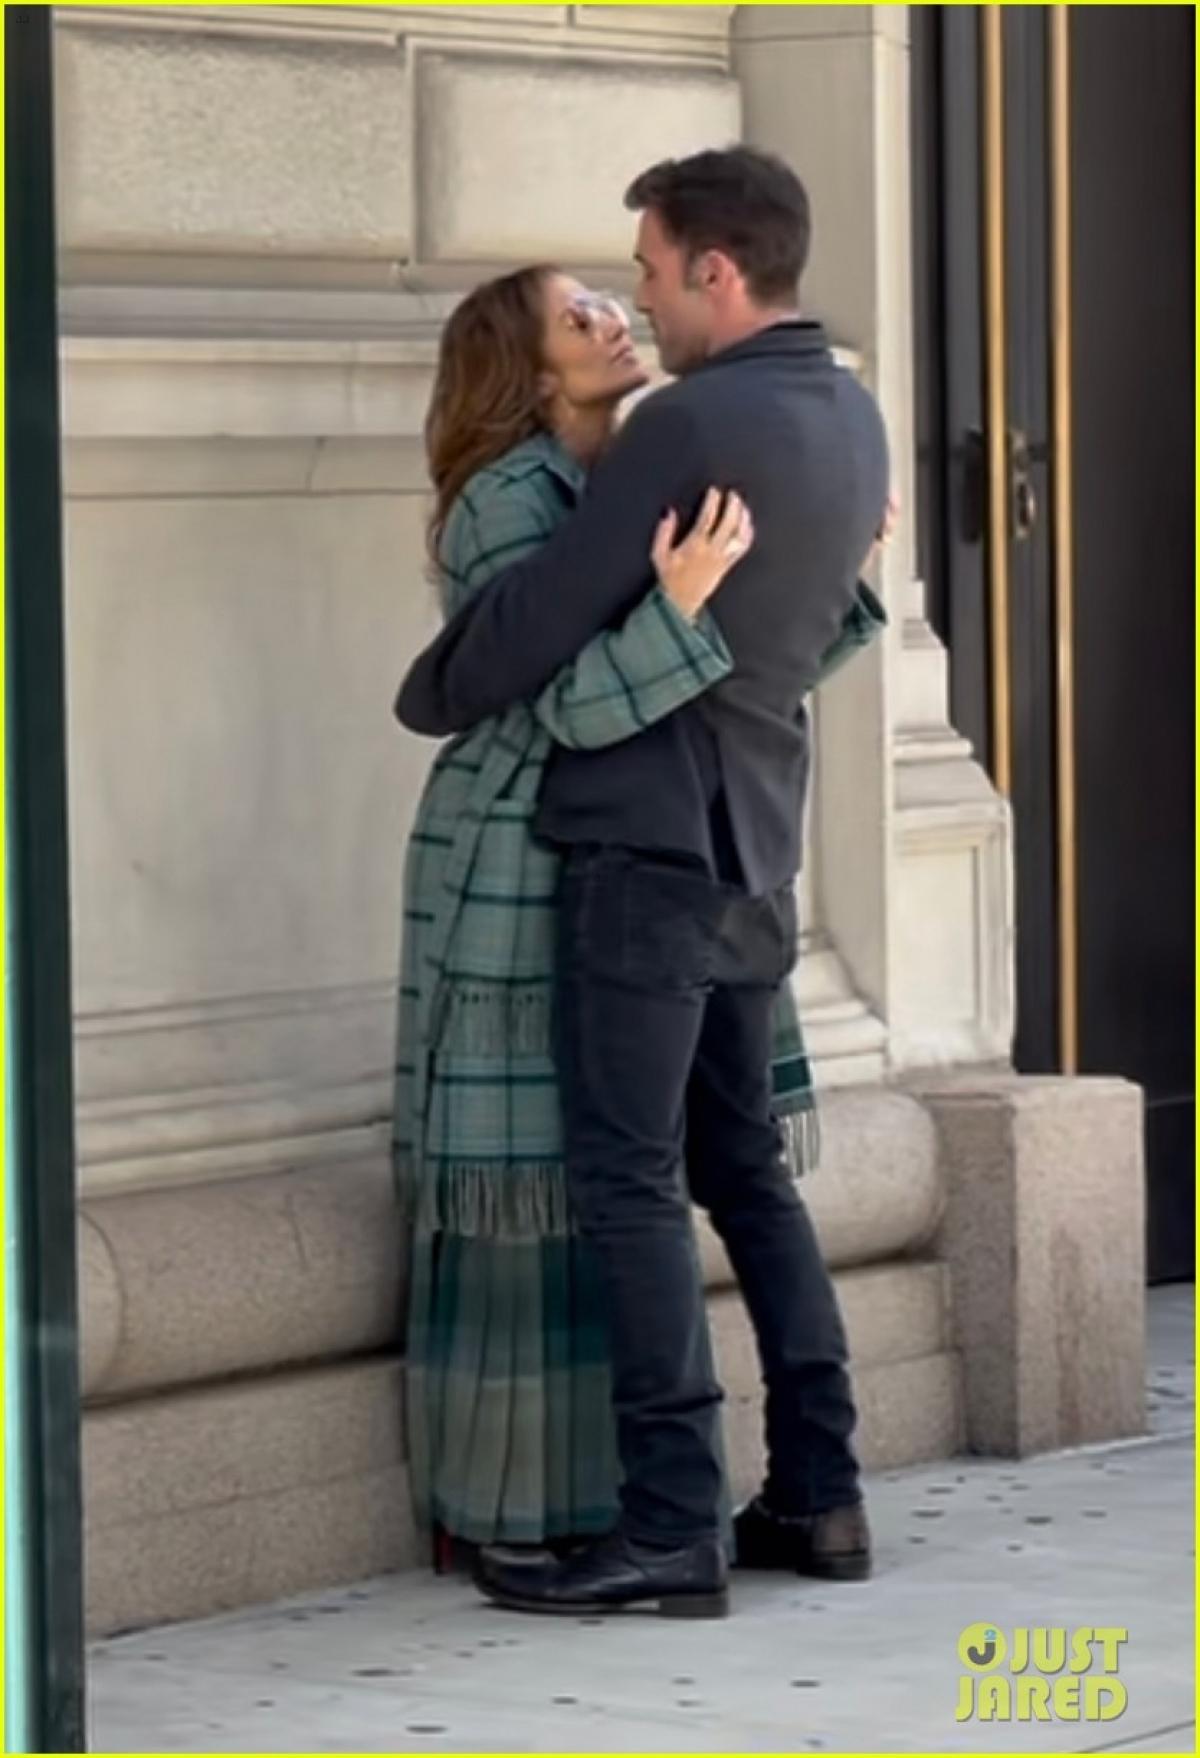 Jennifer Lopez và bạn trai Ben Affleck công khai thể hiện tình cảm khi đang cùng nhau đi dạo trong công viên Quảng trường Madison ở thành phố New York, Mỹ.